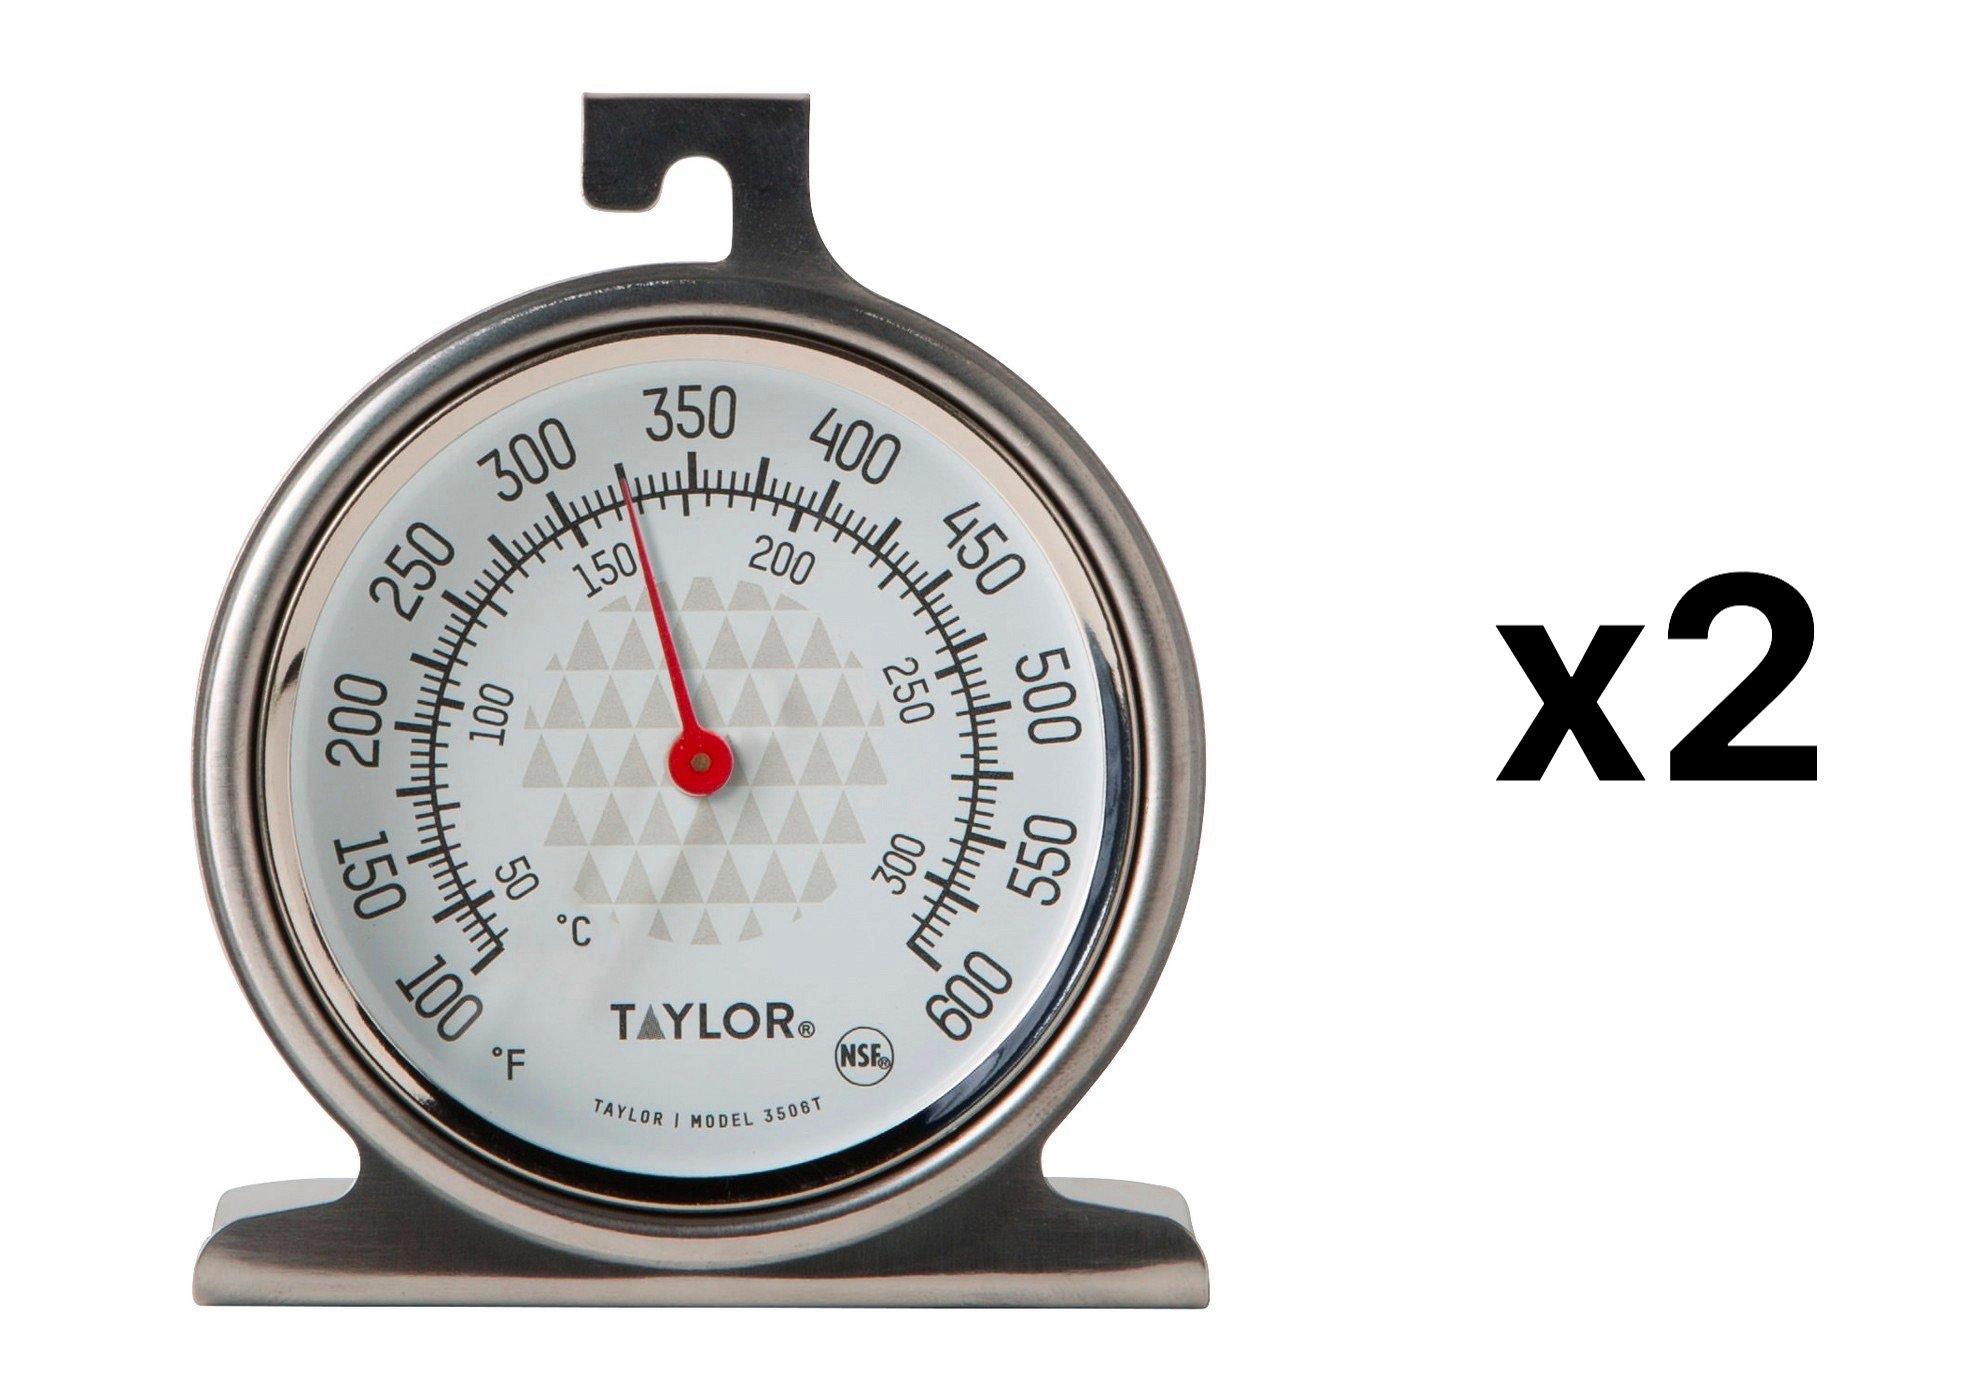 TruTemp 3506 Oven Thermometer